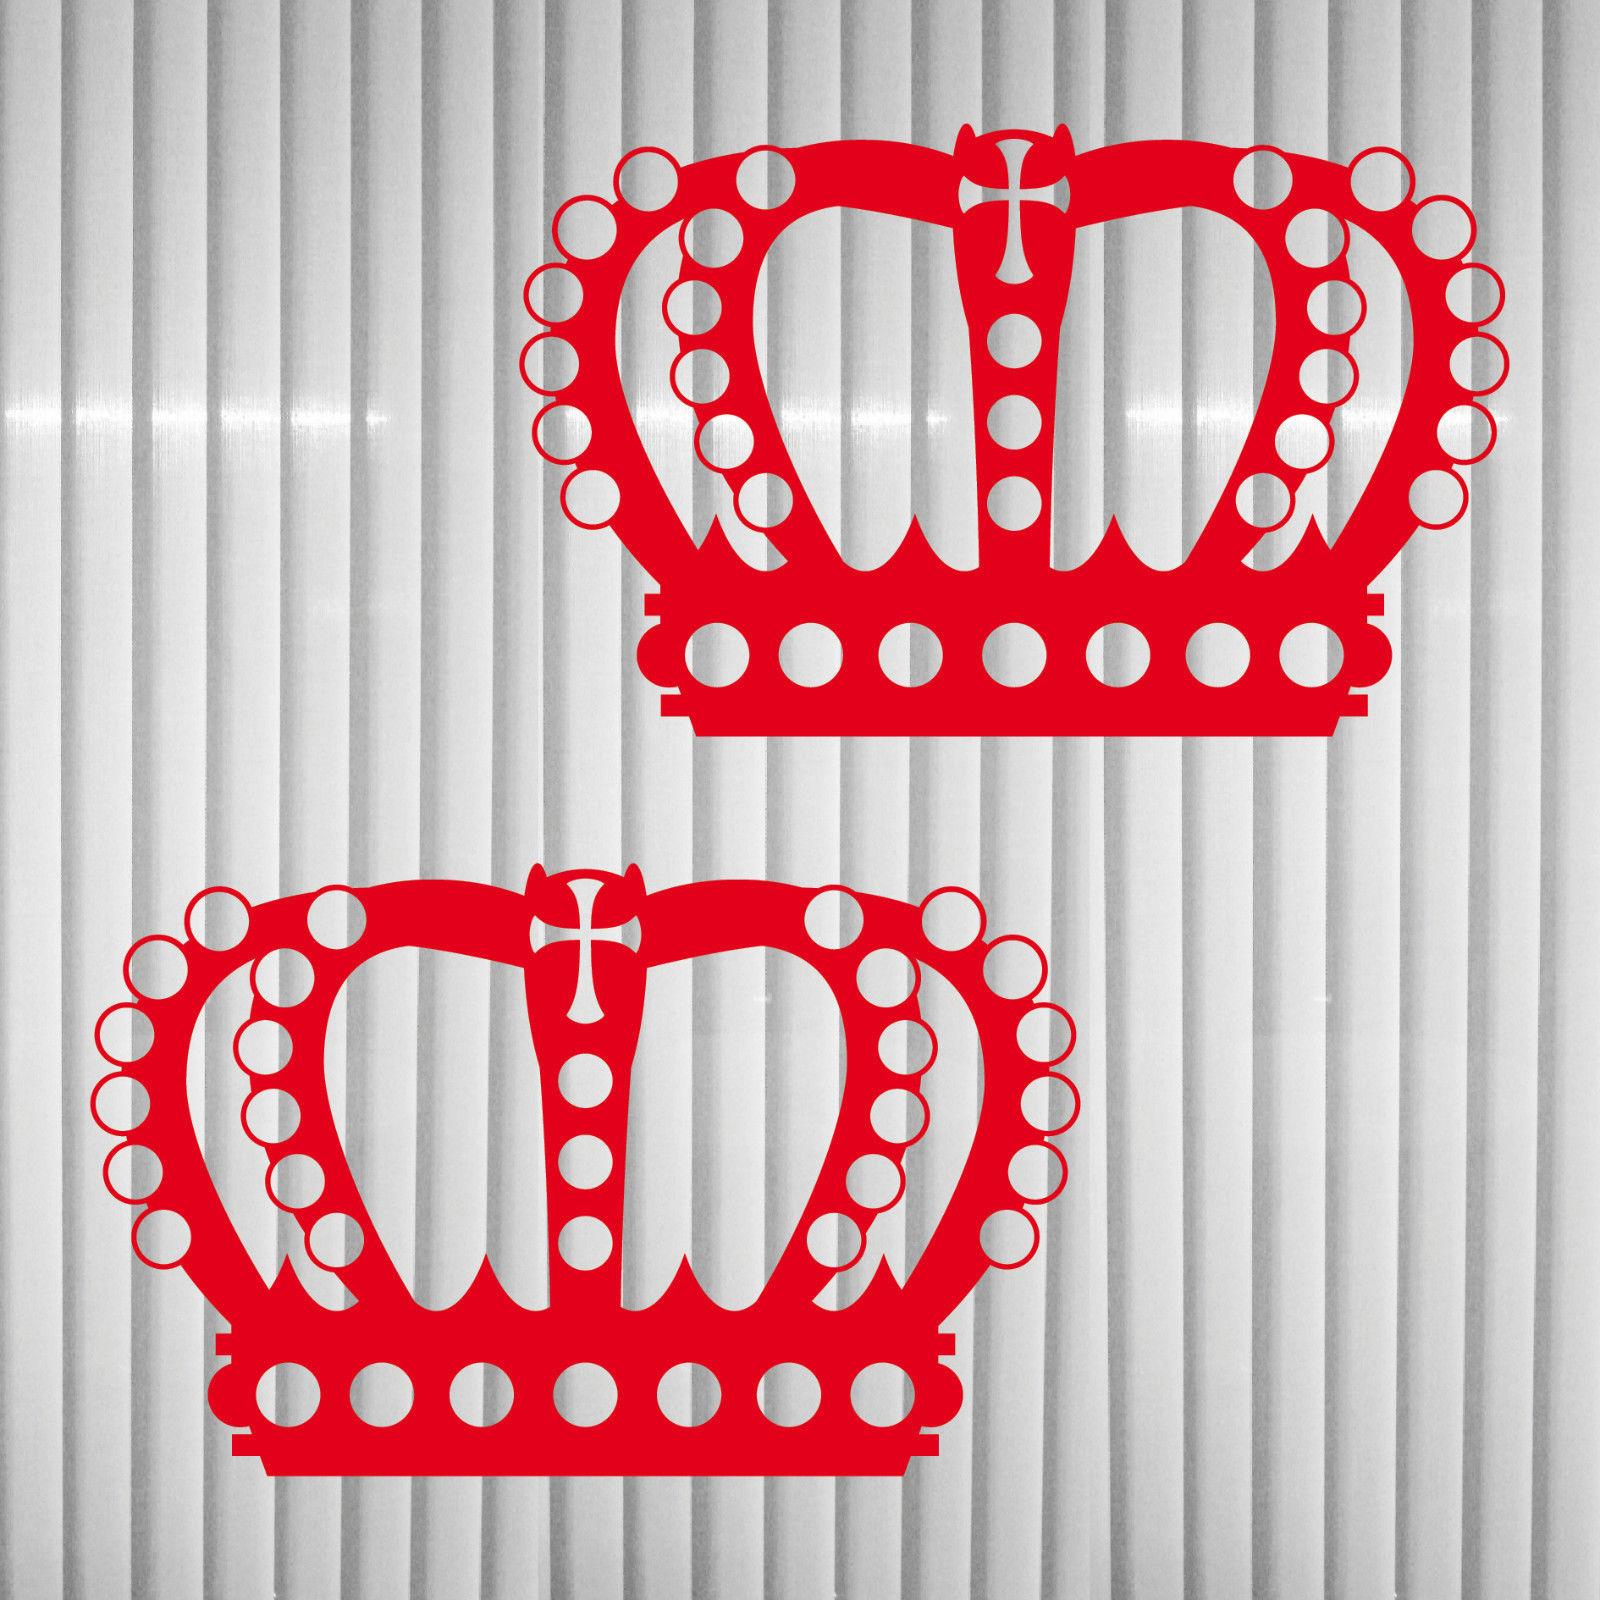 Gewaltig Wandtattoo Rot Foto Von 2 Kronen 12cm König Krone Aufkleber Tattoo